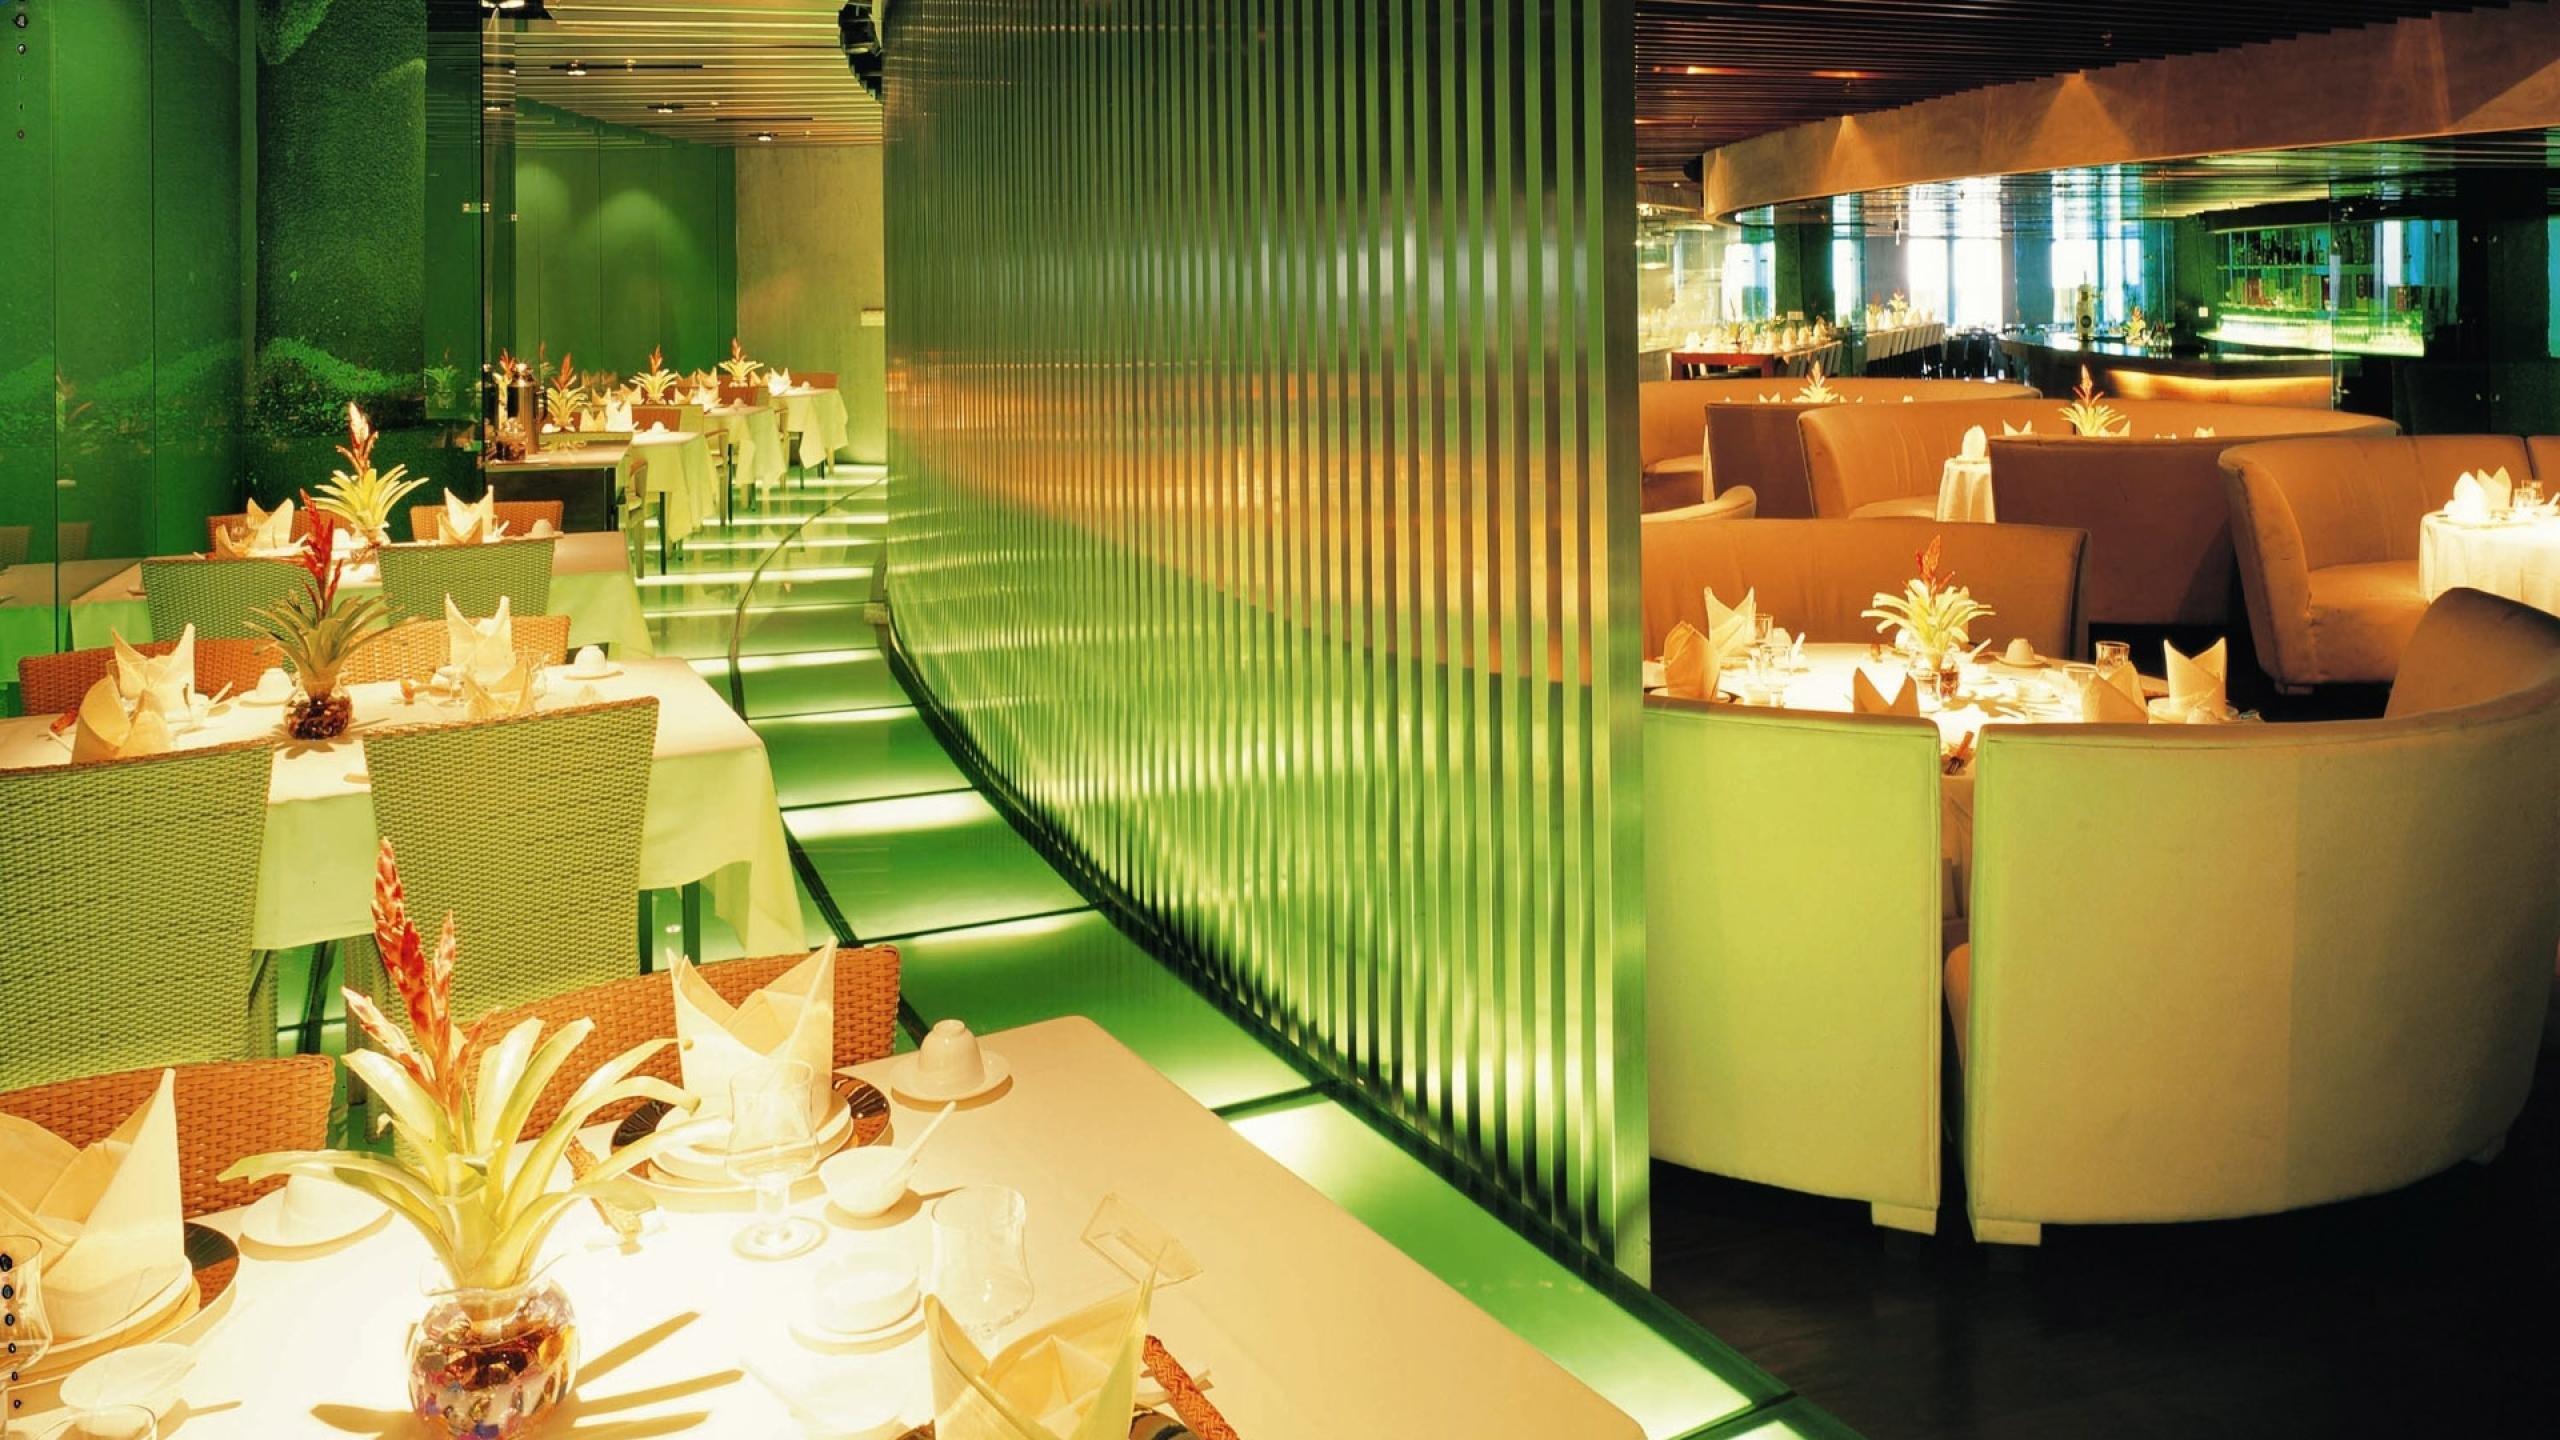 Restaurant food architecture interior design room